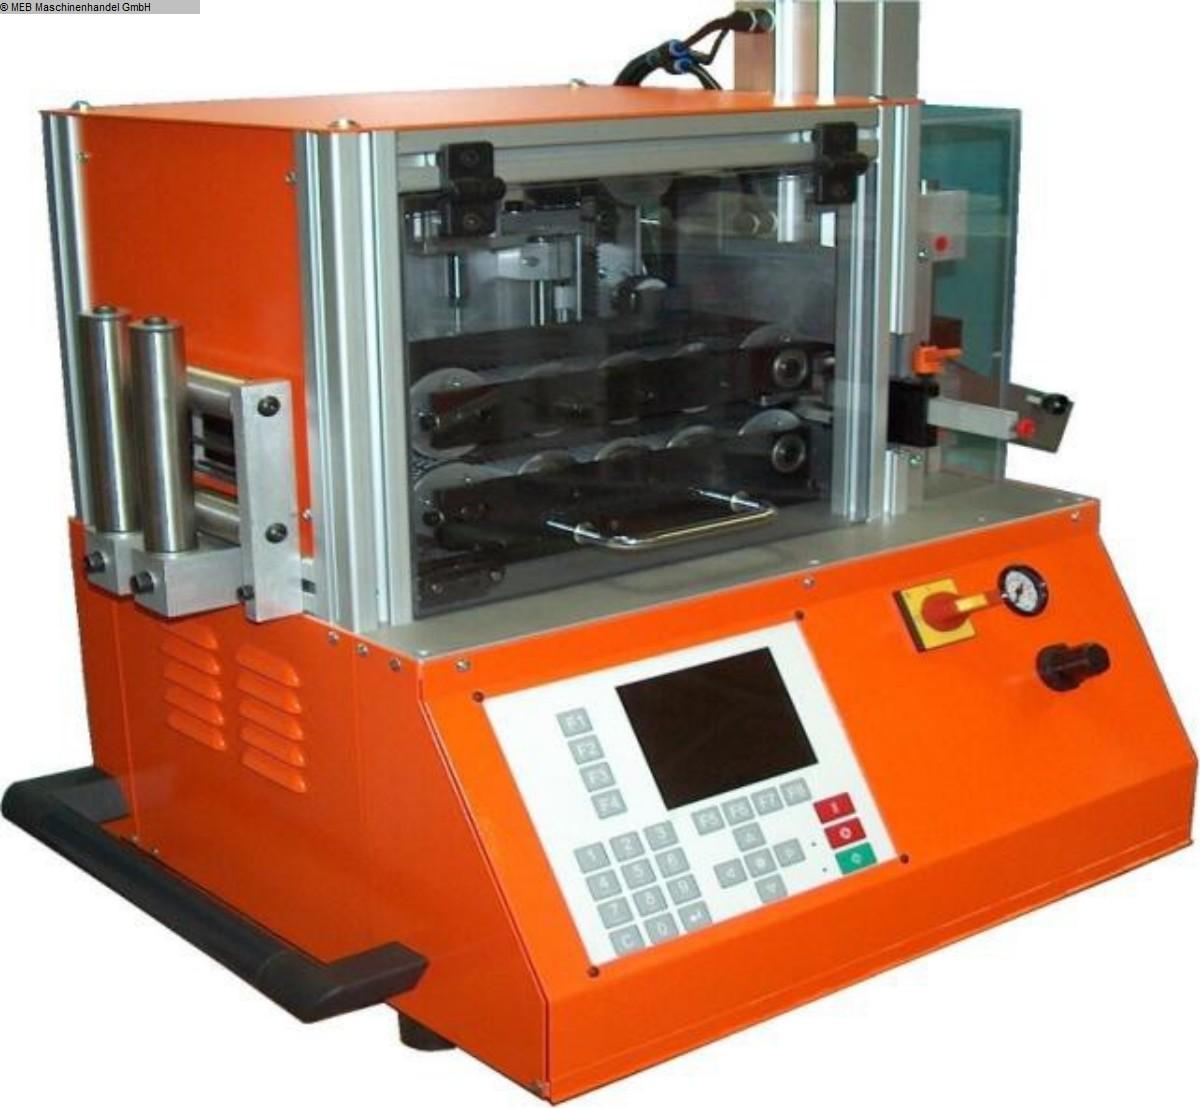 gebrauchte Schneidmaschinen MEB SM 85